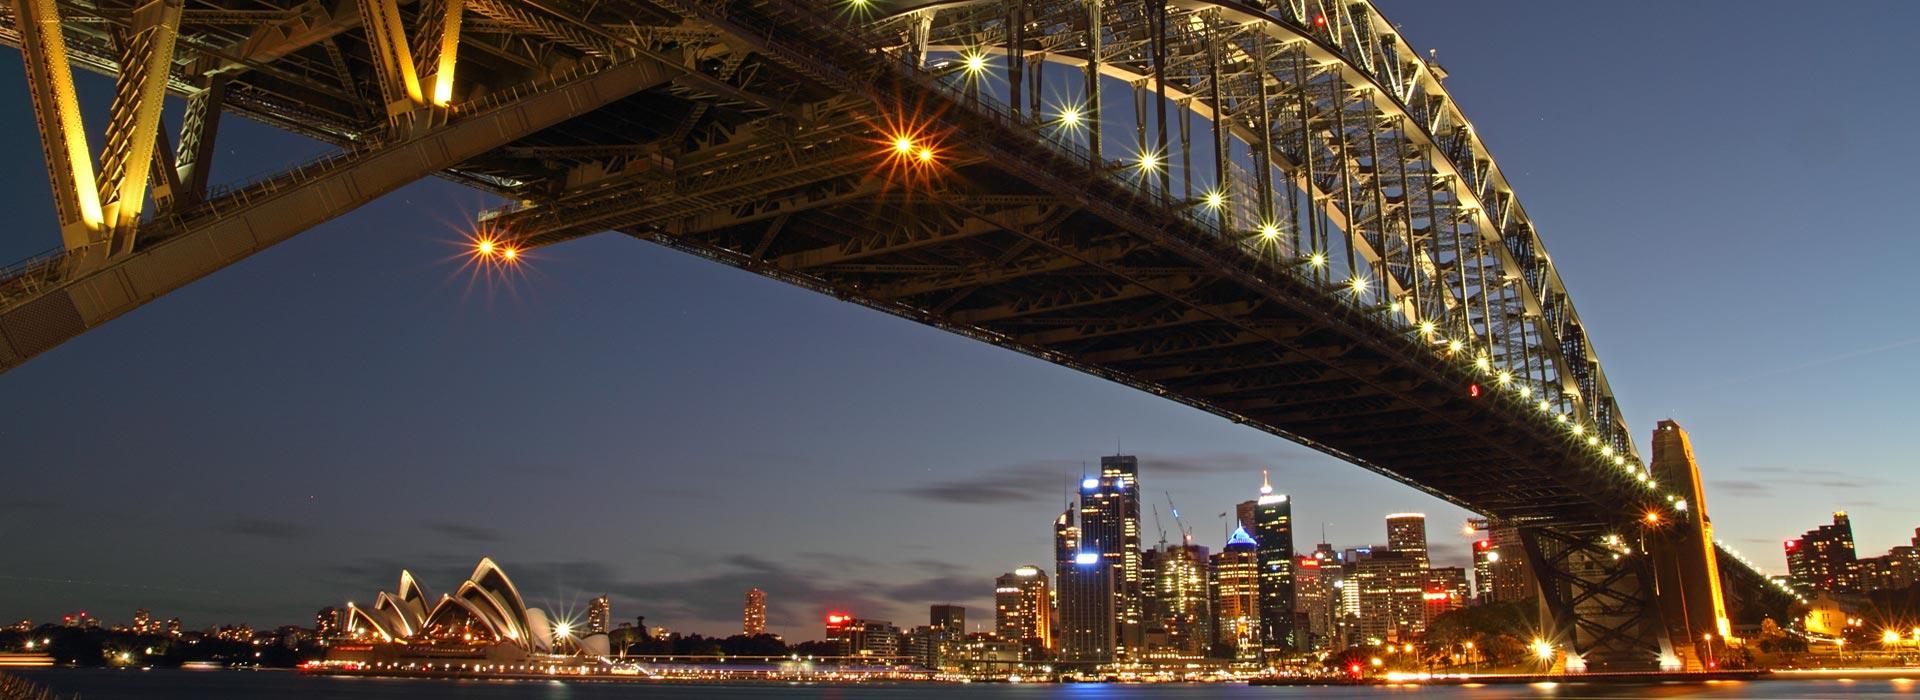 harbour_bridge